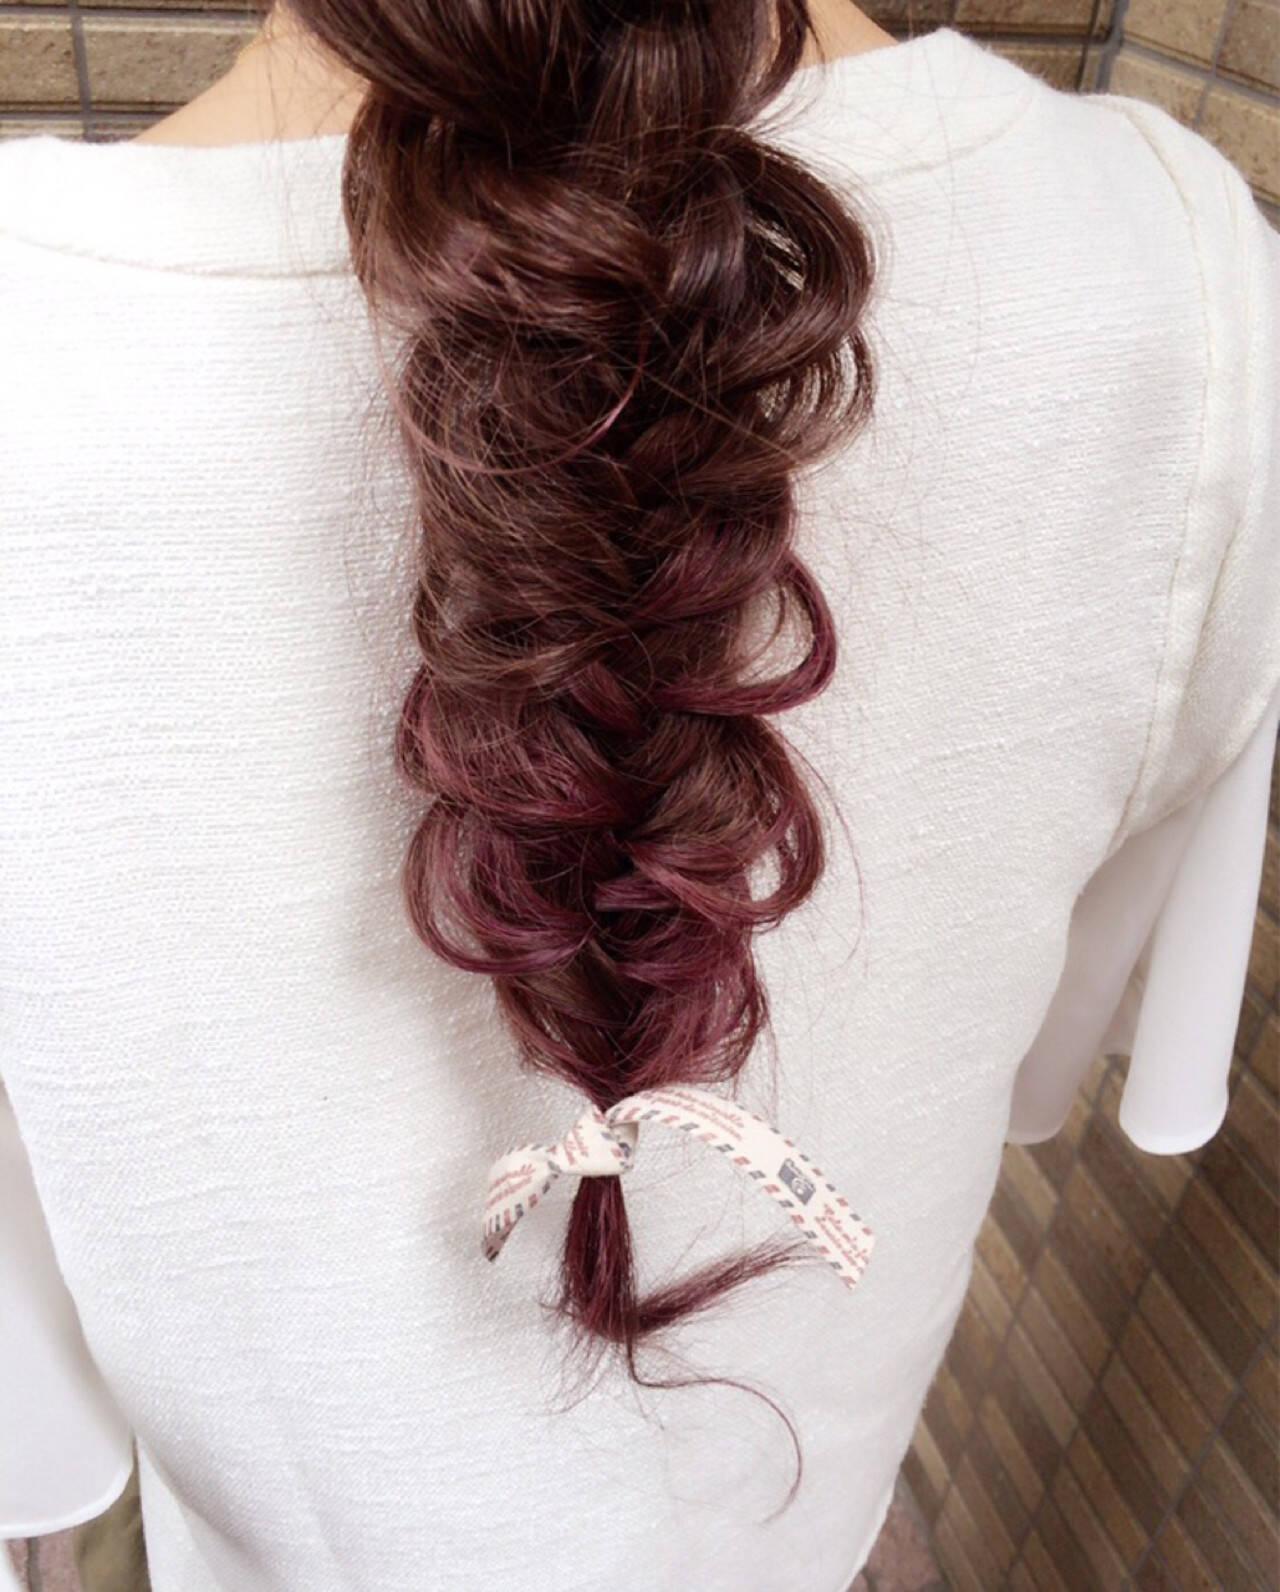 ストリート ショート ハーフアップ 編み込みヘアスタイルや髪型の写真・画像